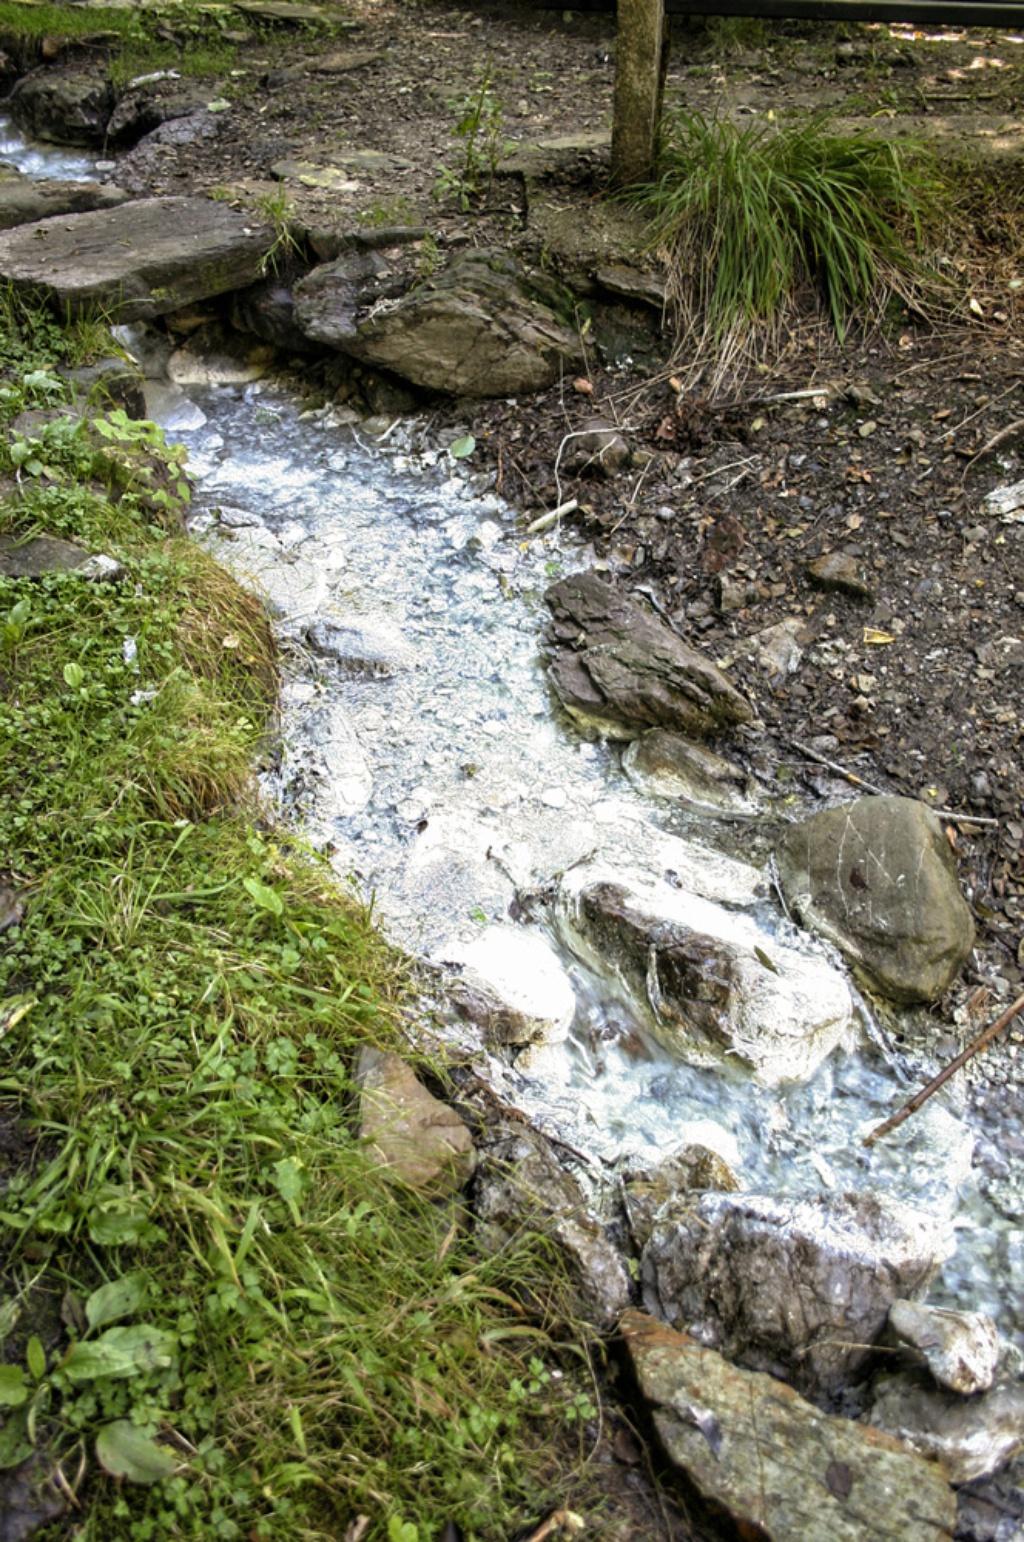 Acqua solforosa a bagni di lusnizza malborghetto - Bagni di lusnizza ...